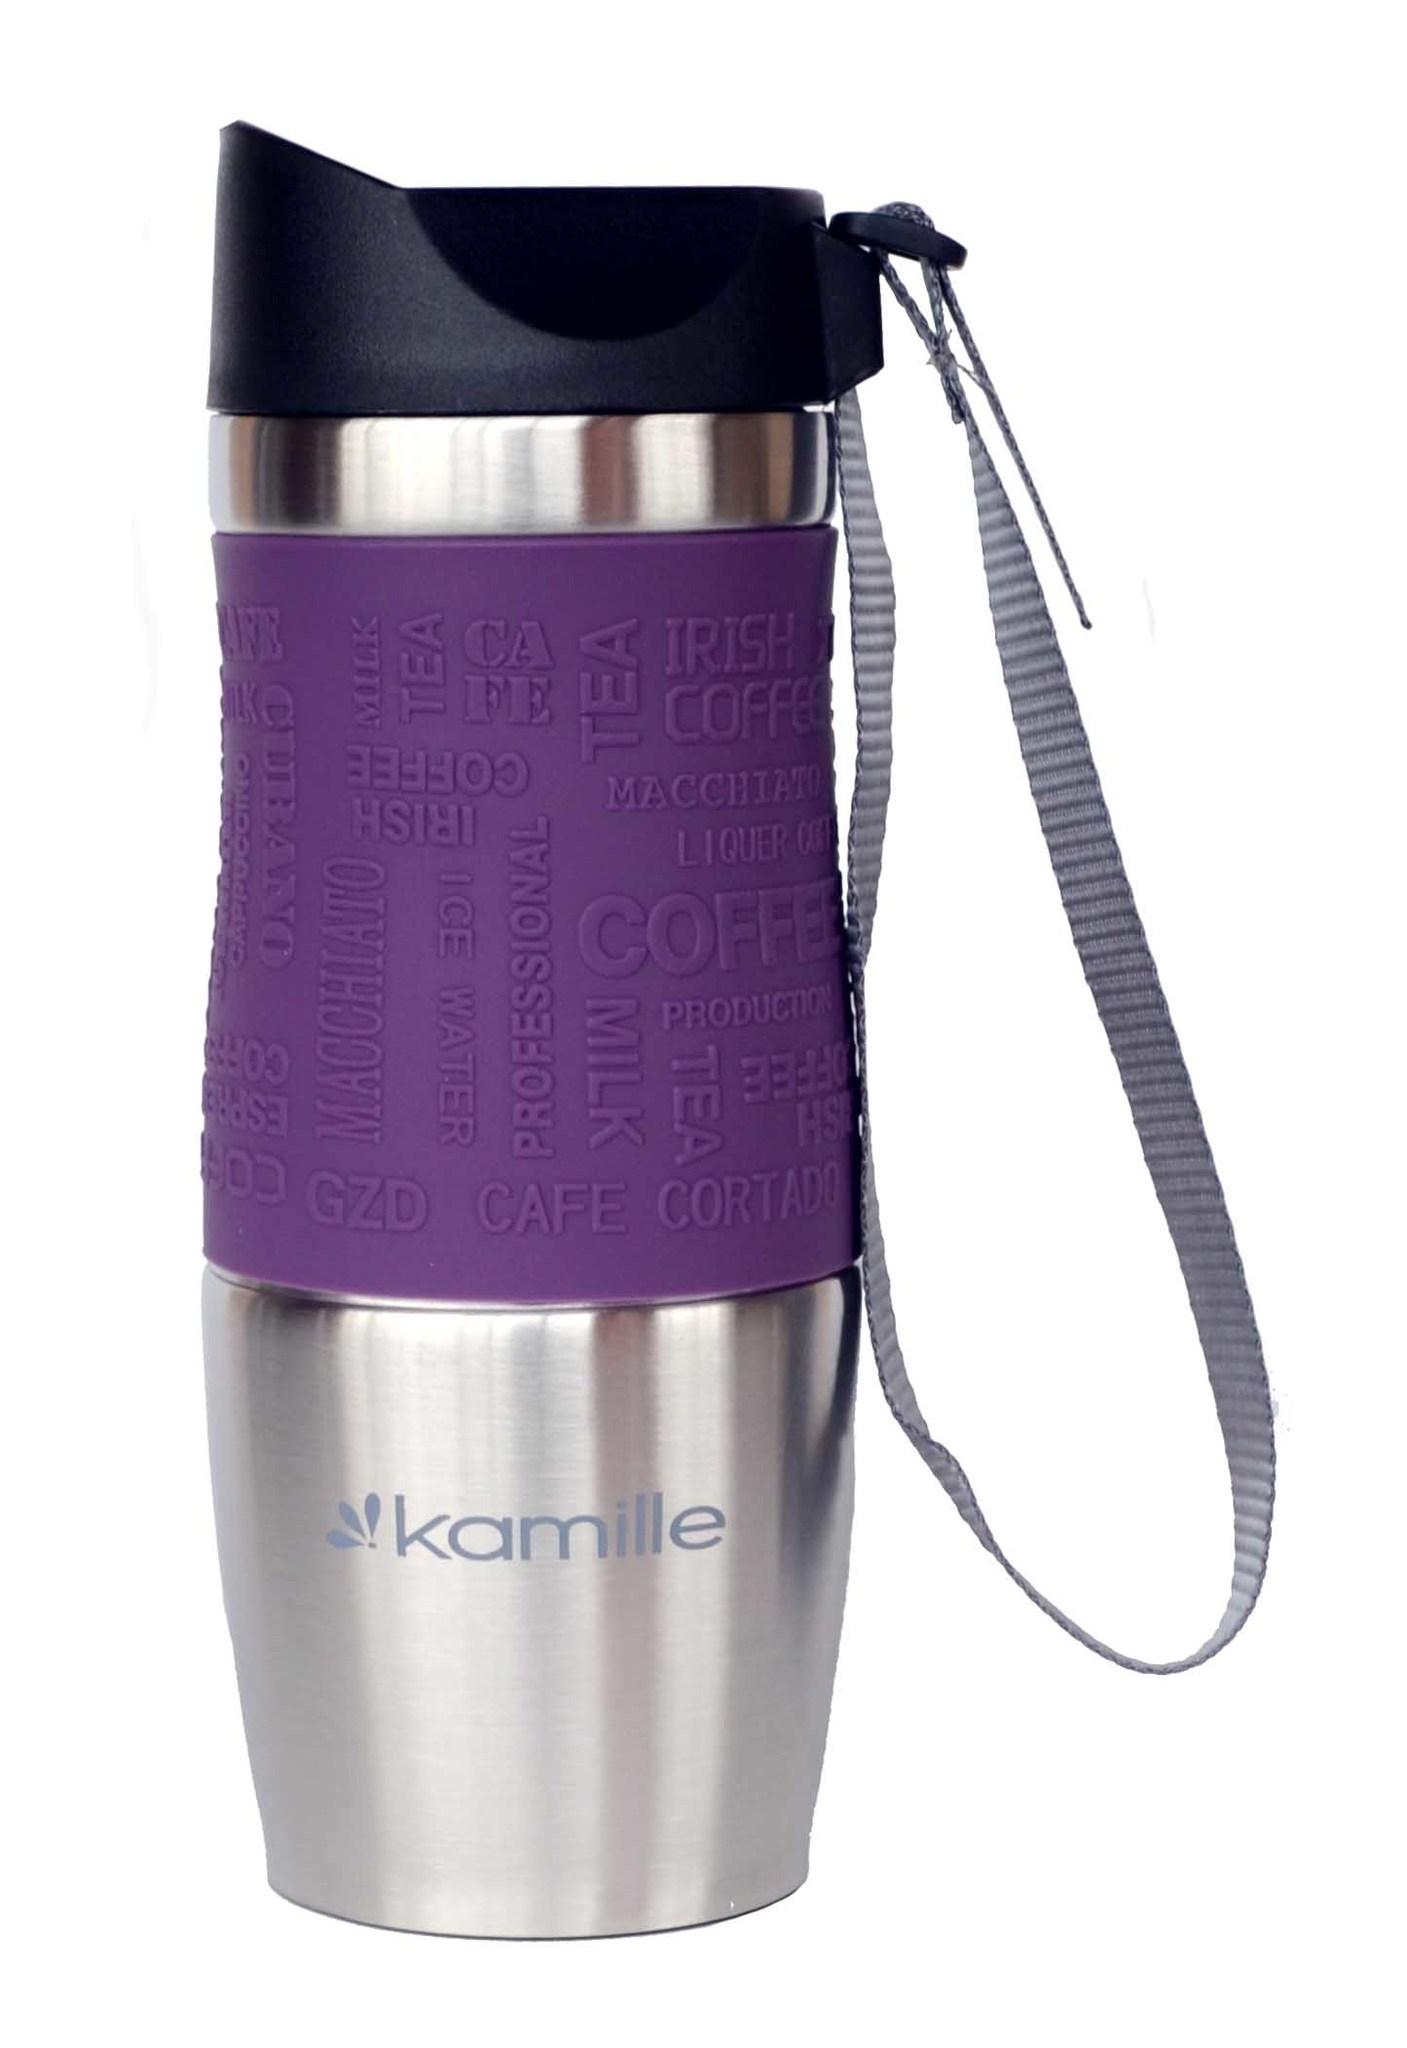 Термокружка Kamille c TPR и ремешком 380 мл. (хром) фиолетовая